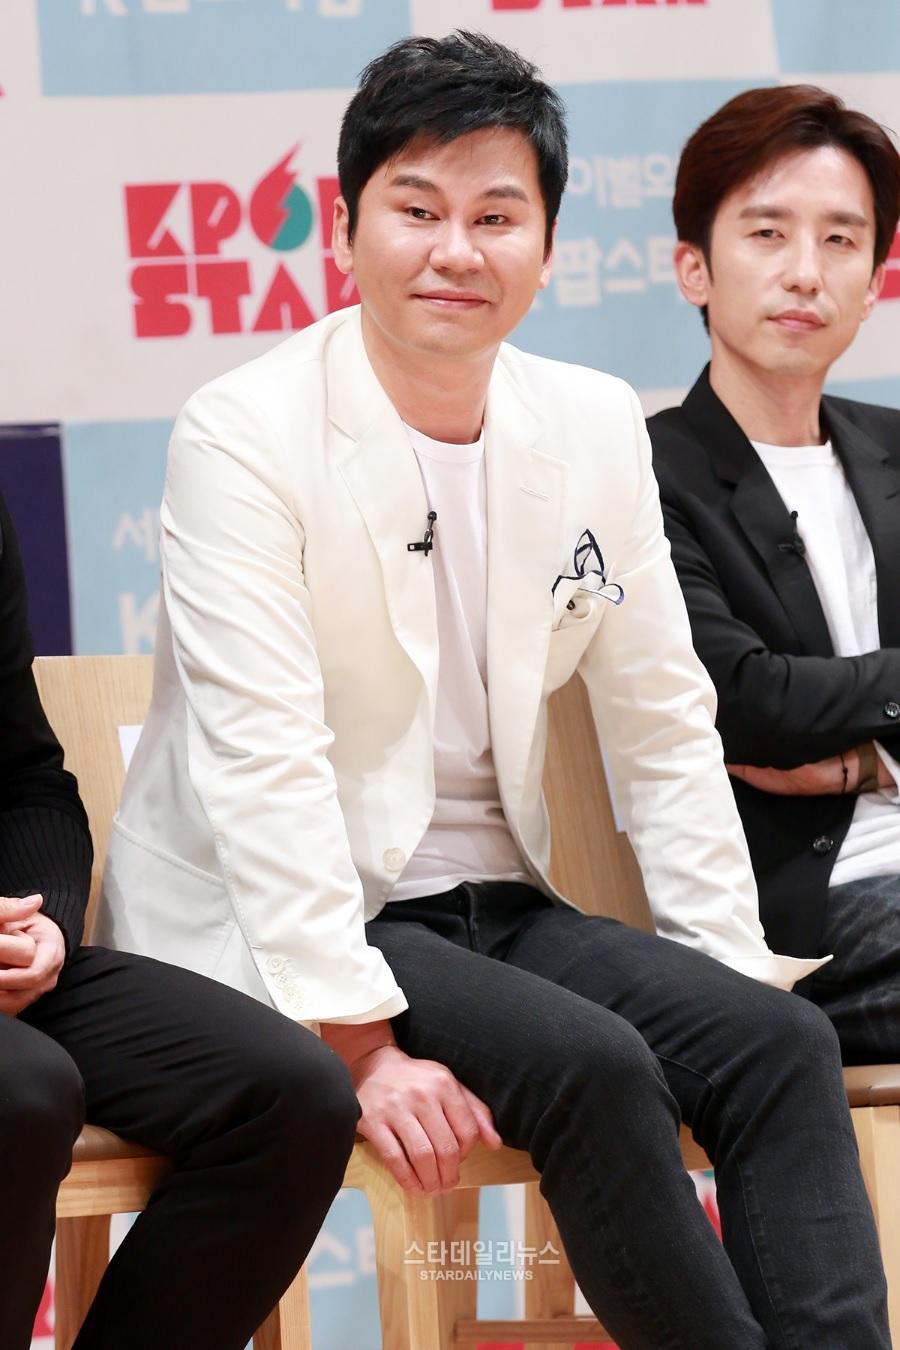 YG Entertainment's Yang Hyun Suk Promises Announcement About Sechs Kies